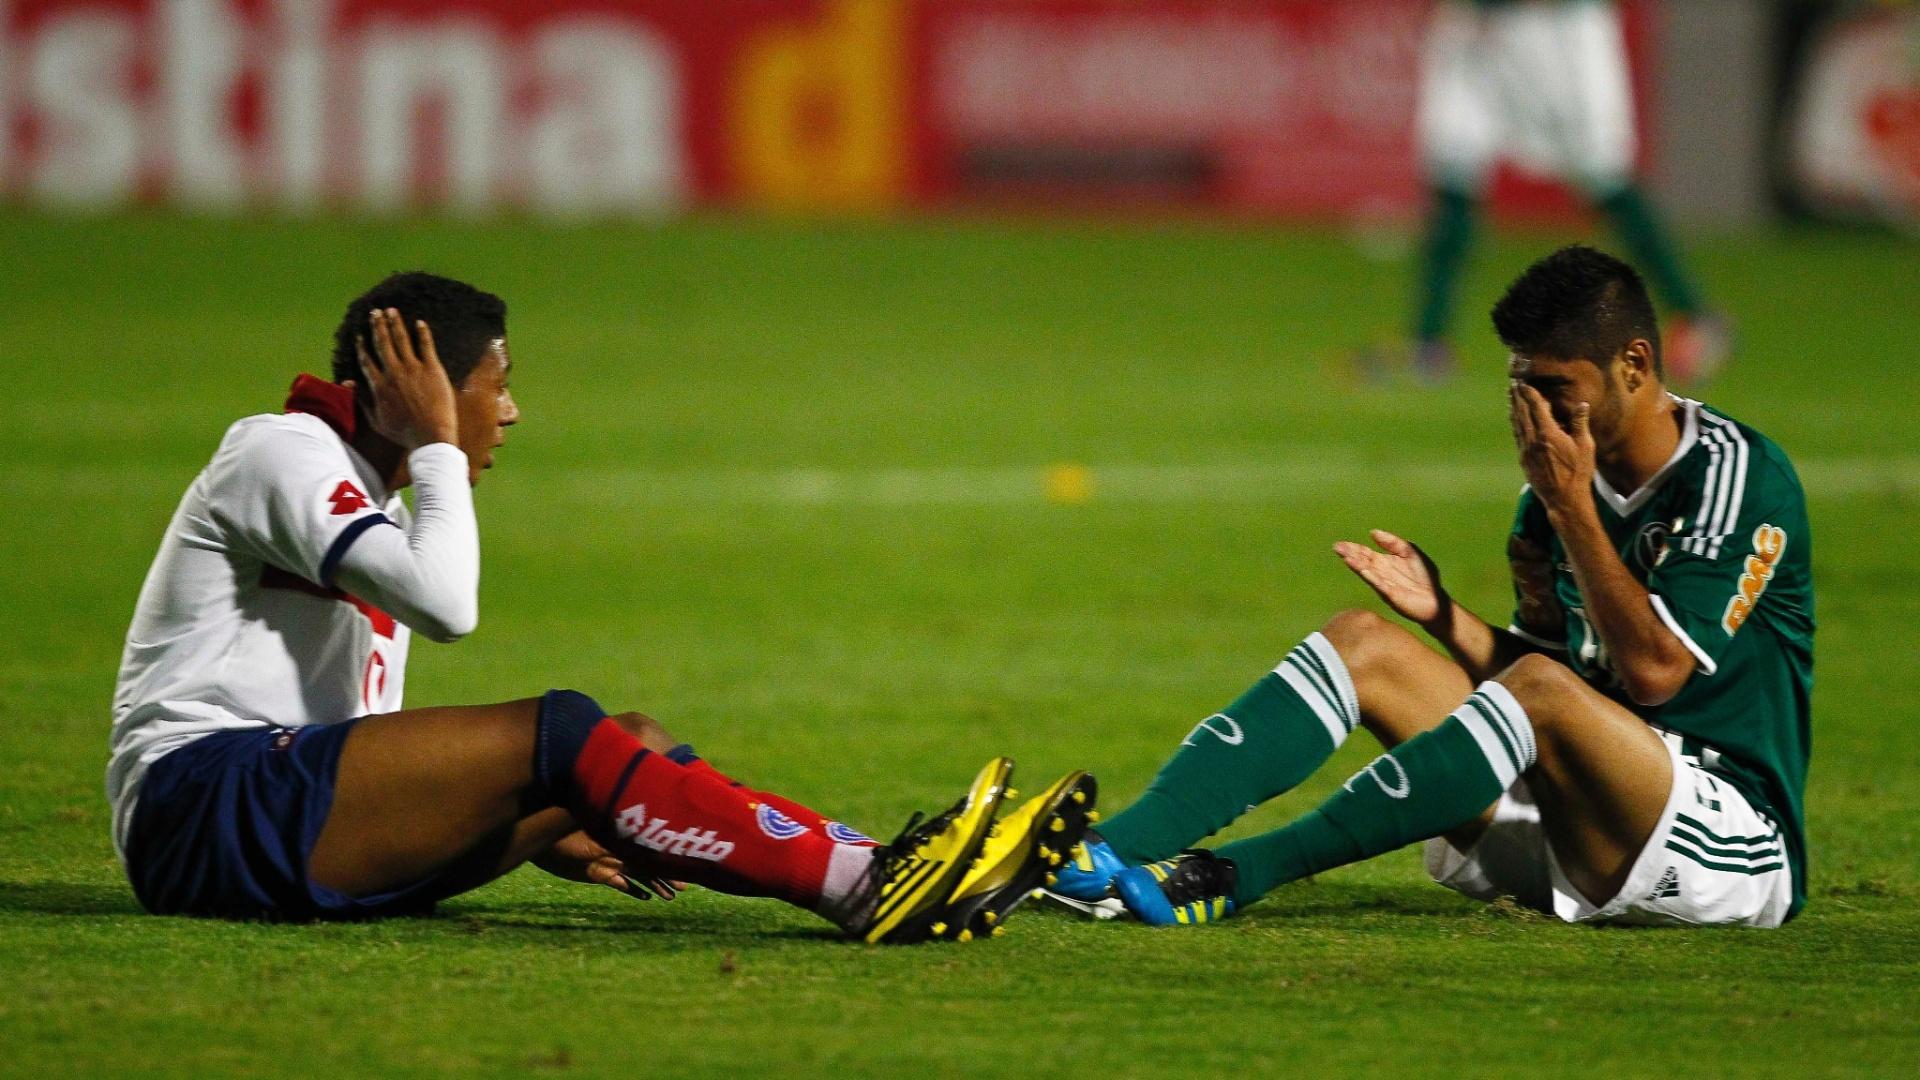 Jogadores de Palmeiras e Bahia reclamam de dores após choque durante jogo no Canindé